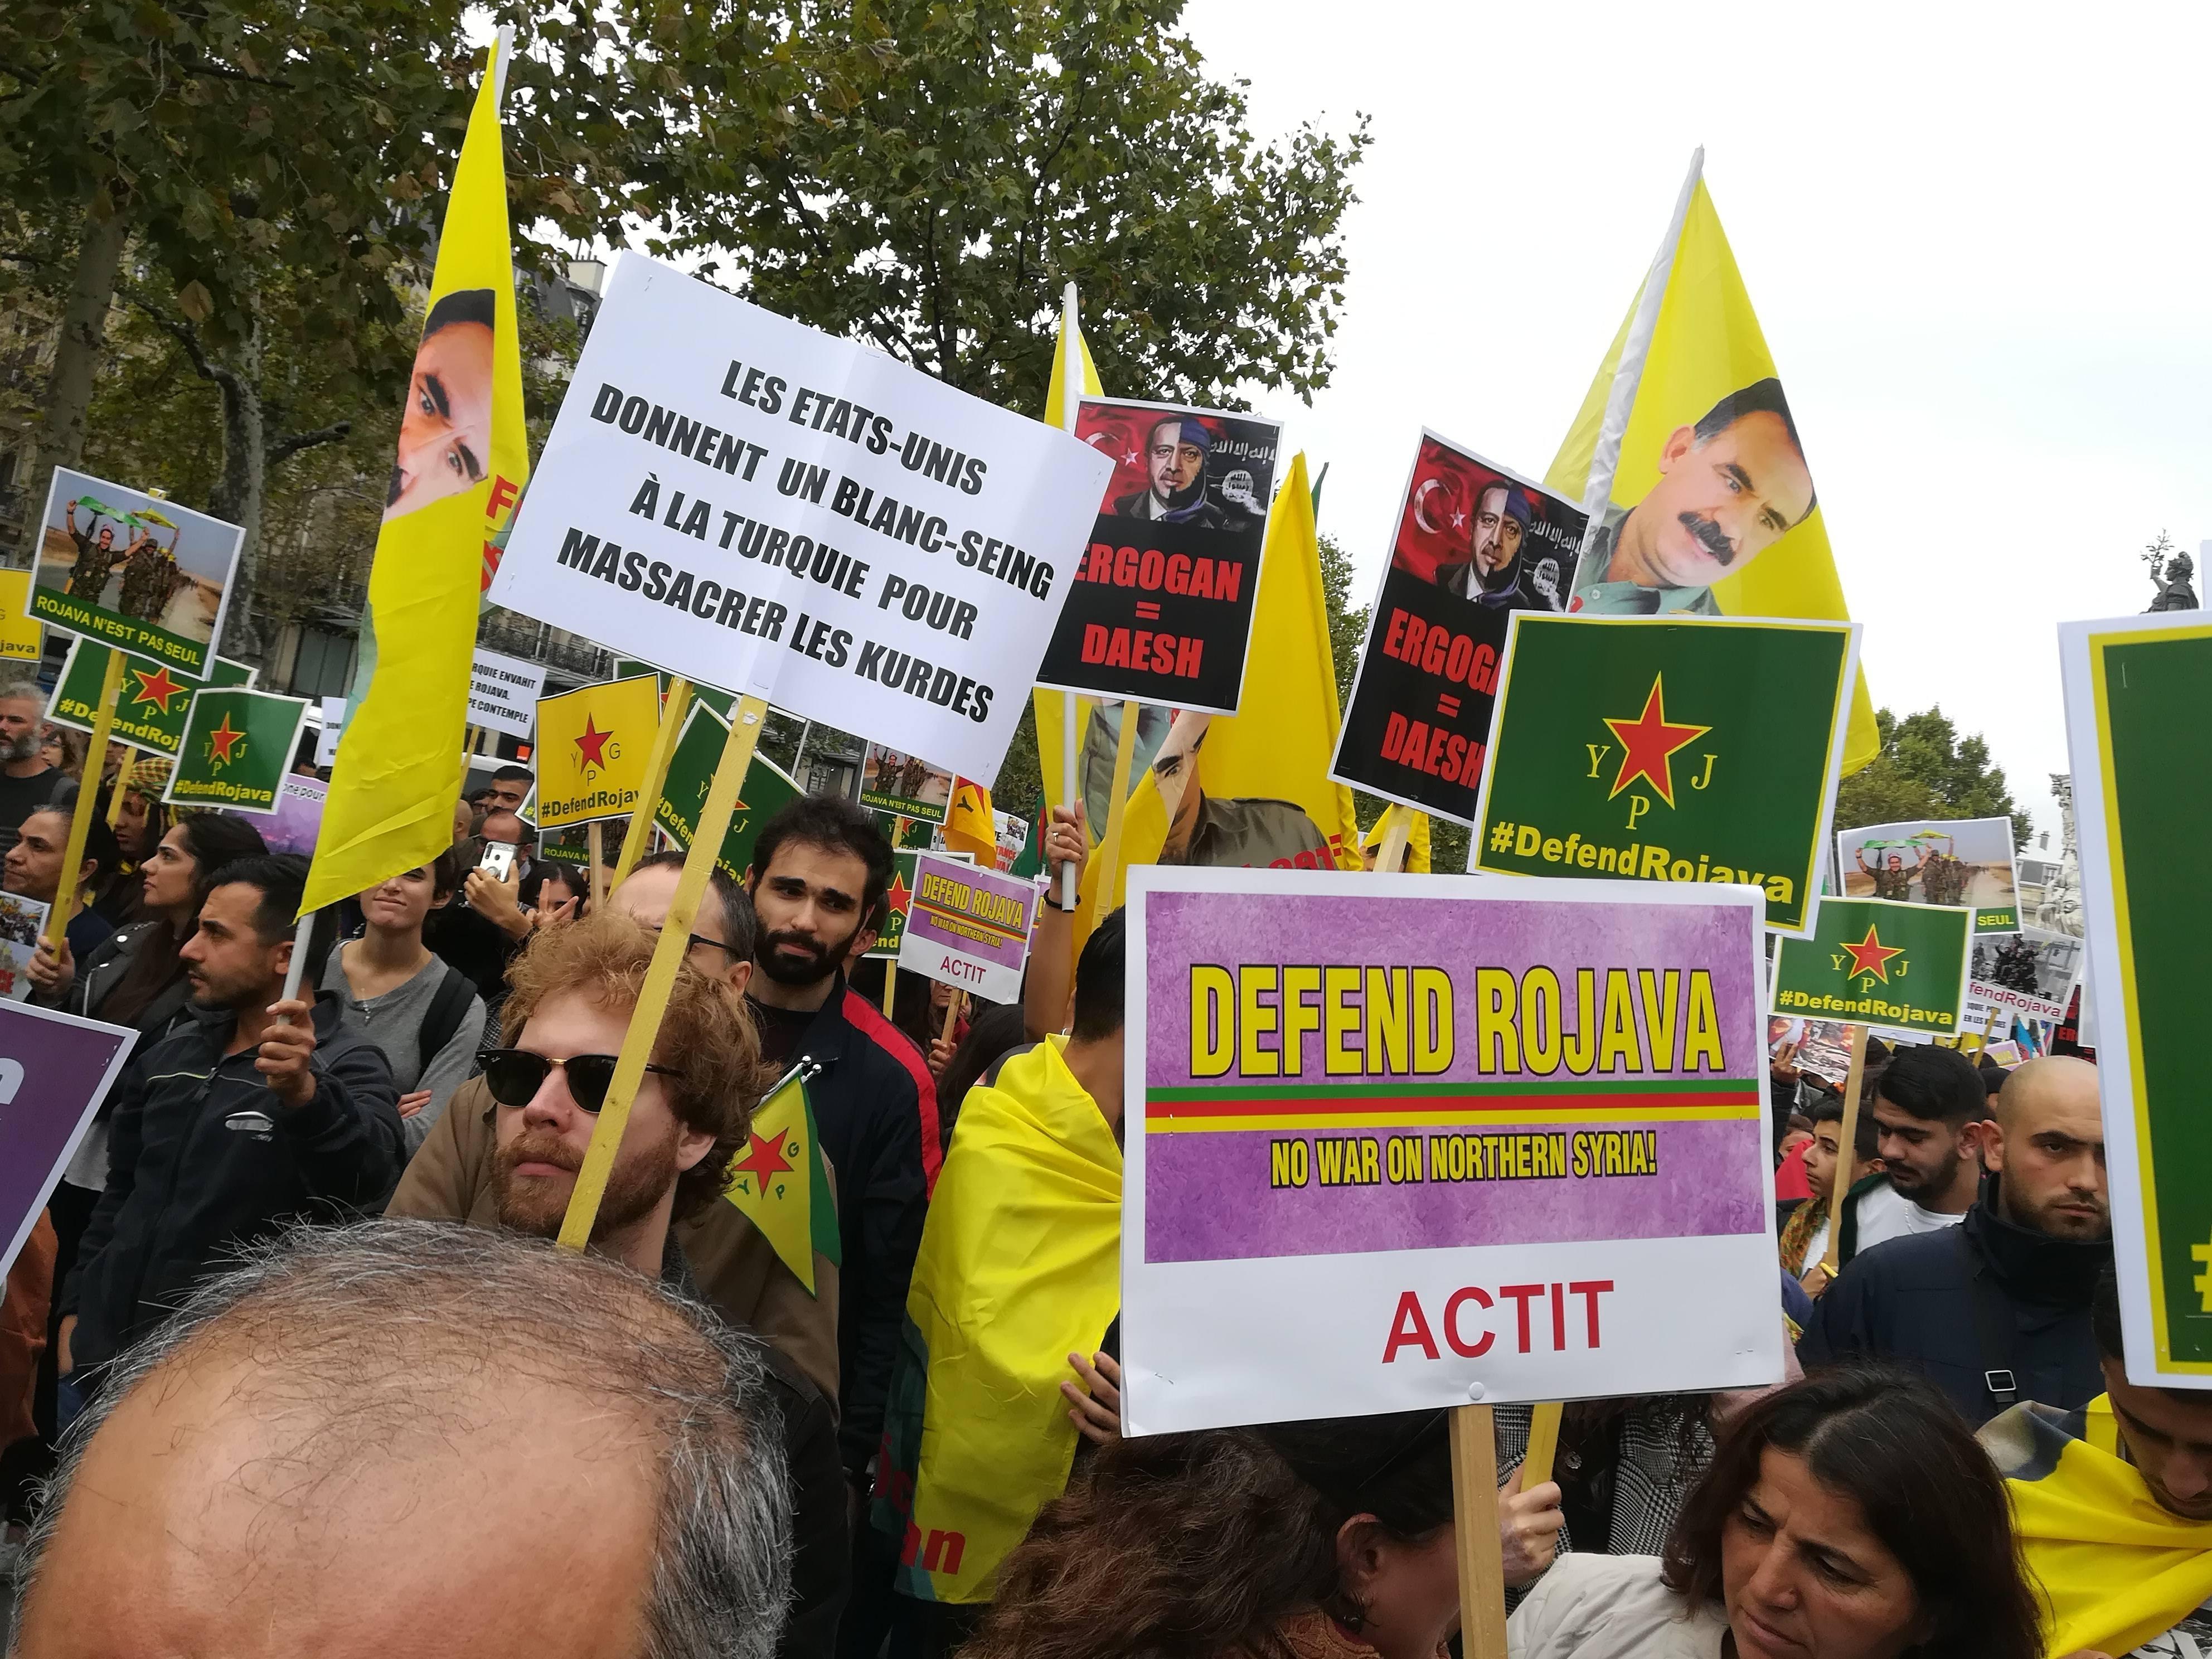 Les pancartes de soutien au Rojava côtoient celles qui dénonçent les agissements de Donald Trump et de Erdogan ( Photographie : Yoann Compagnon pour Radio Parleur)